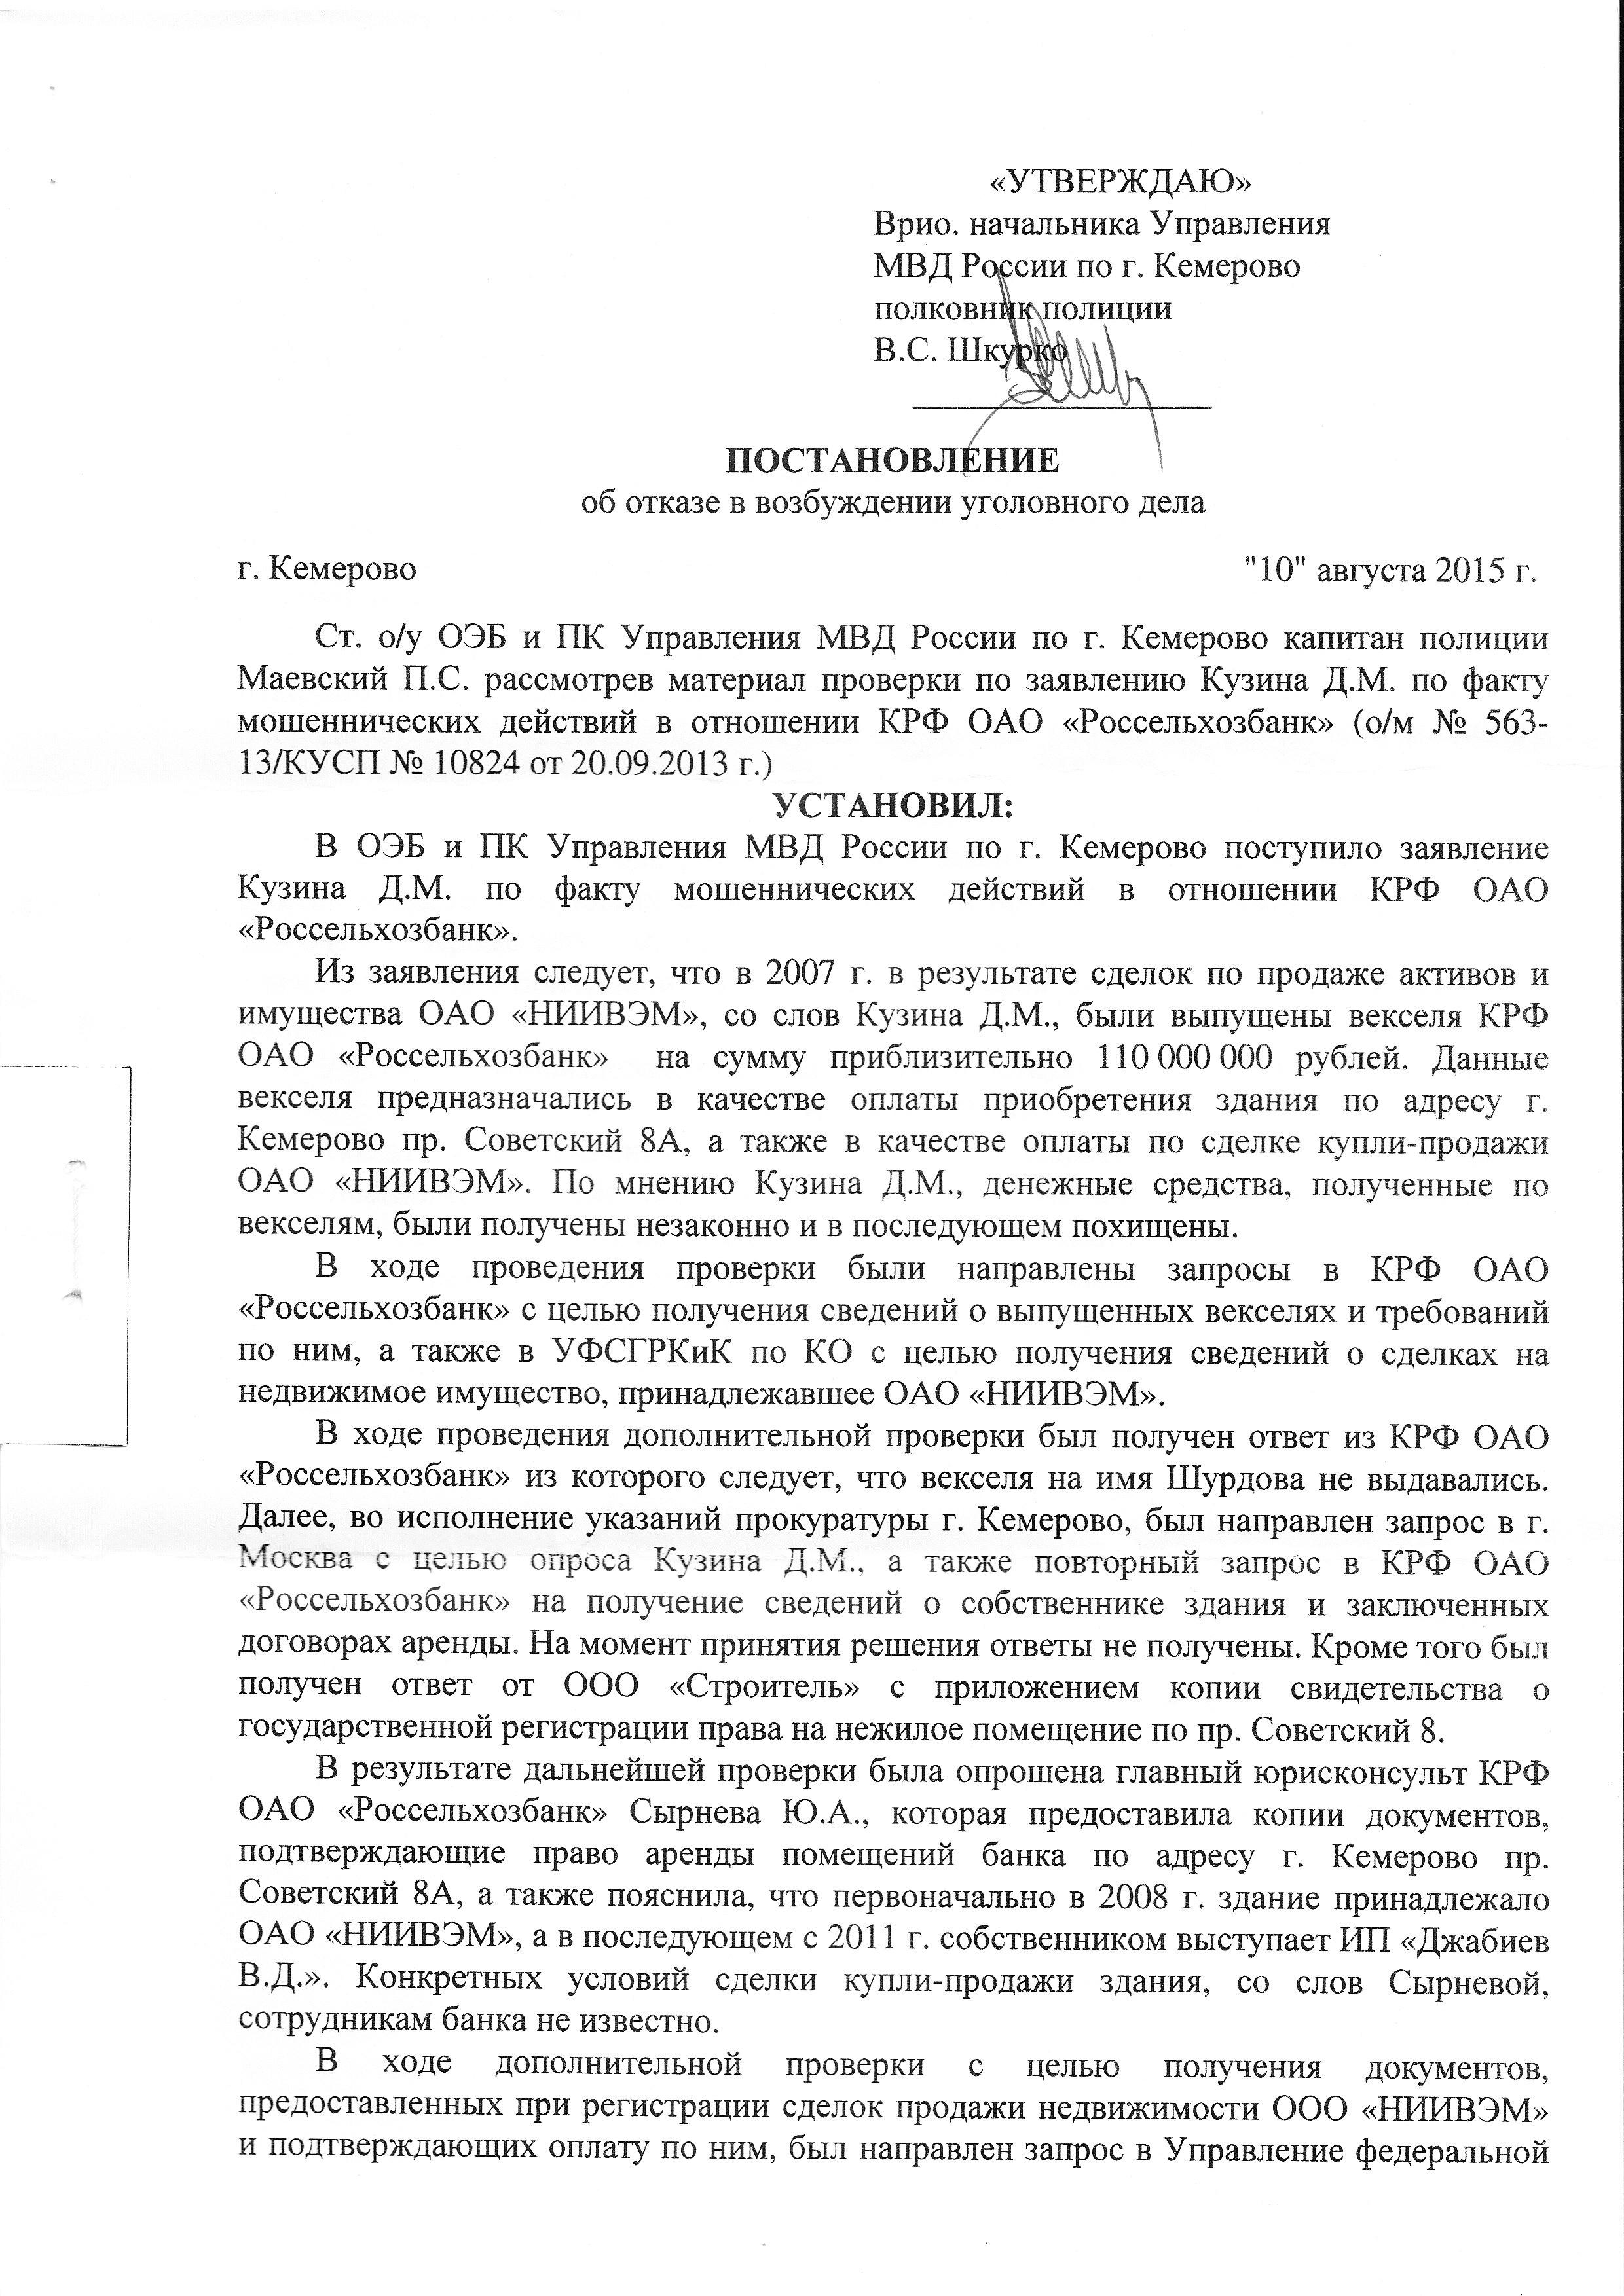 Тринадцатое постановление УВД Кемерова - 1 л